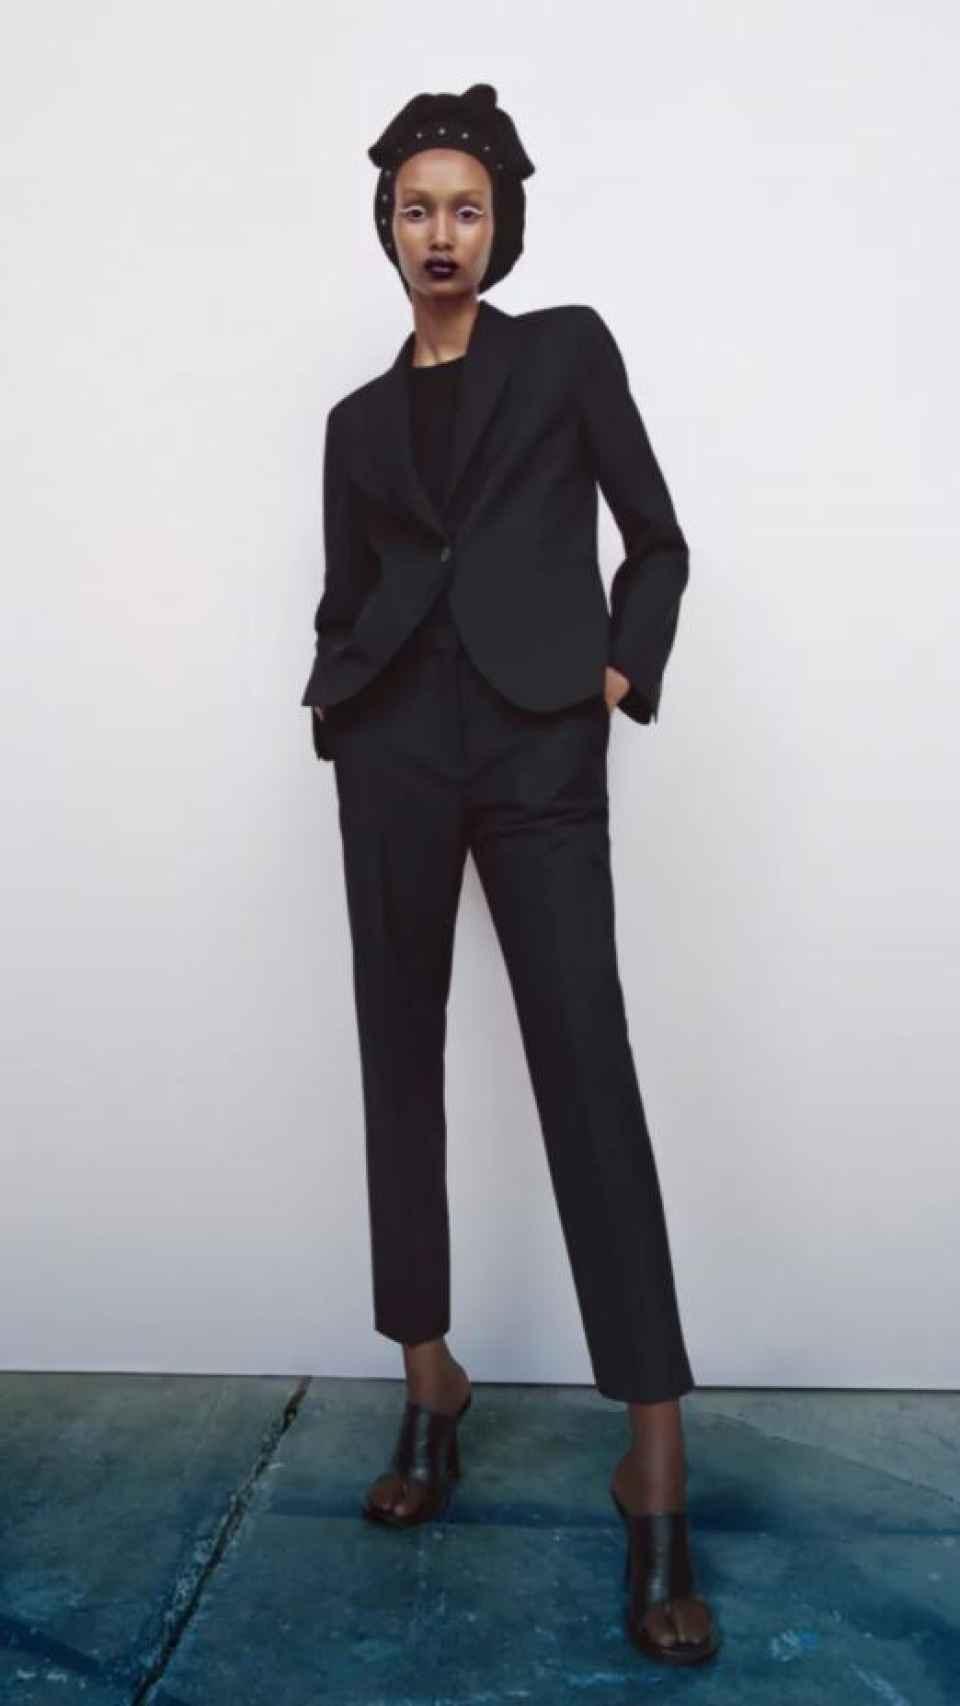 La modelo luce un 'total black look', desde su turbante hasta su calzado.